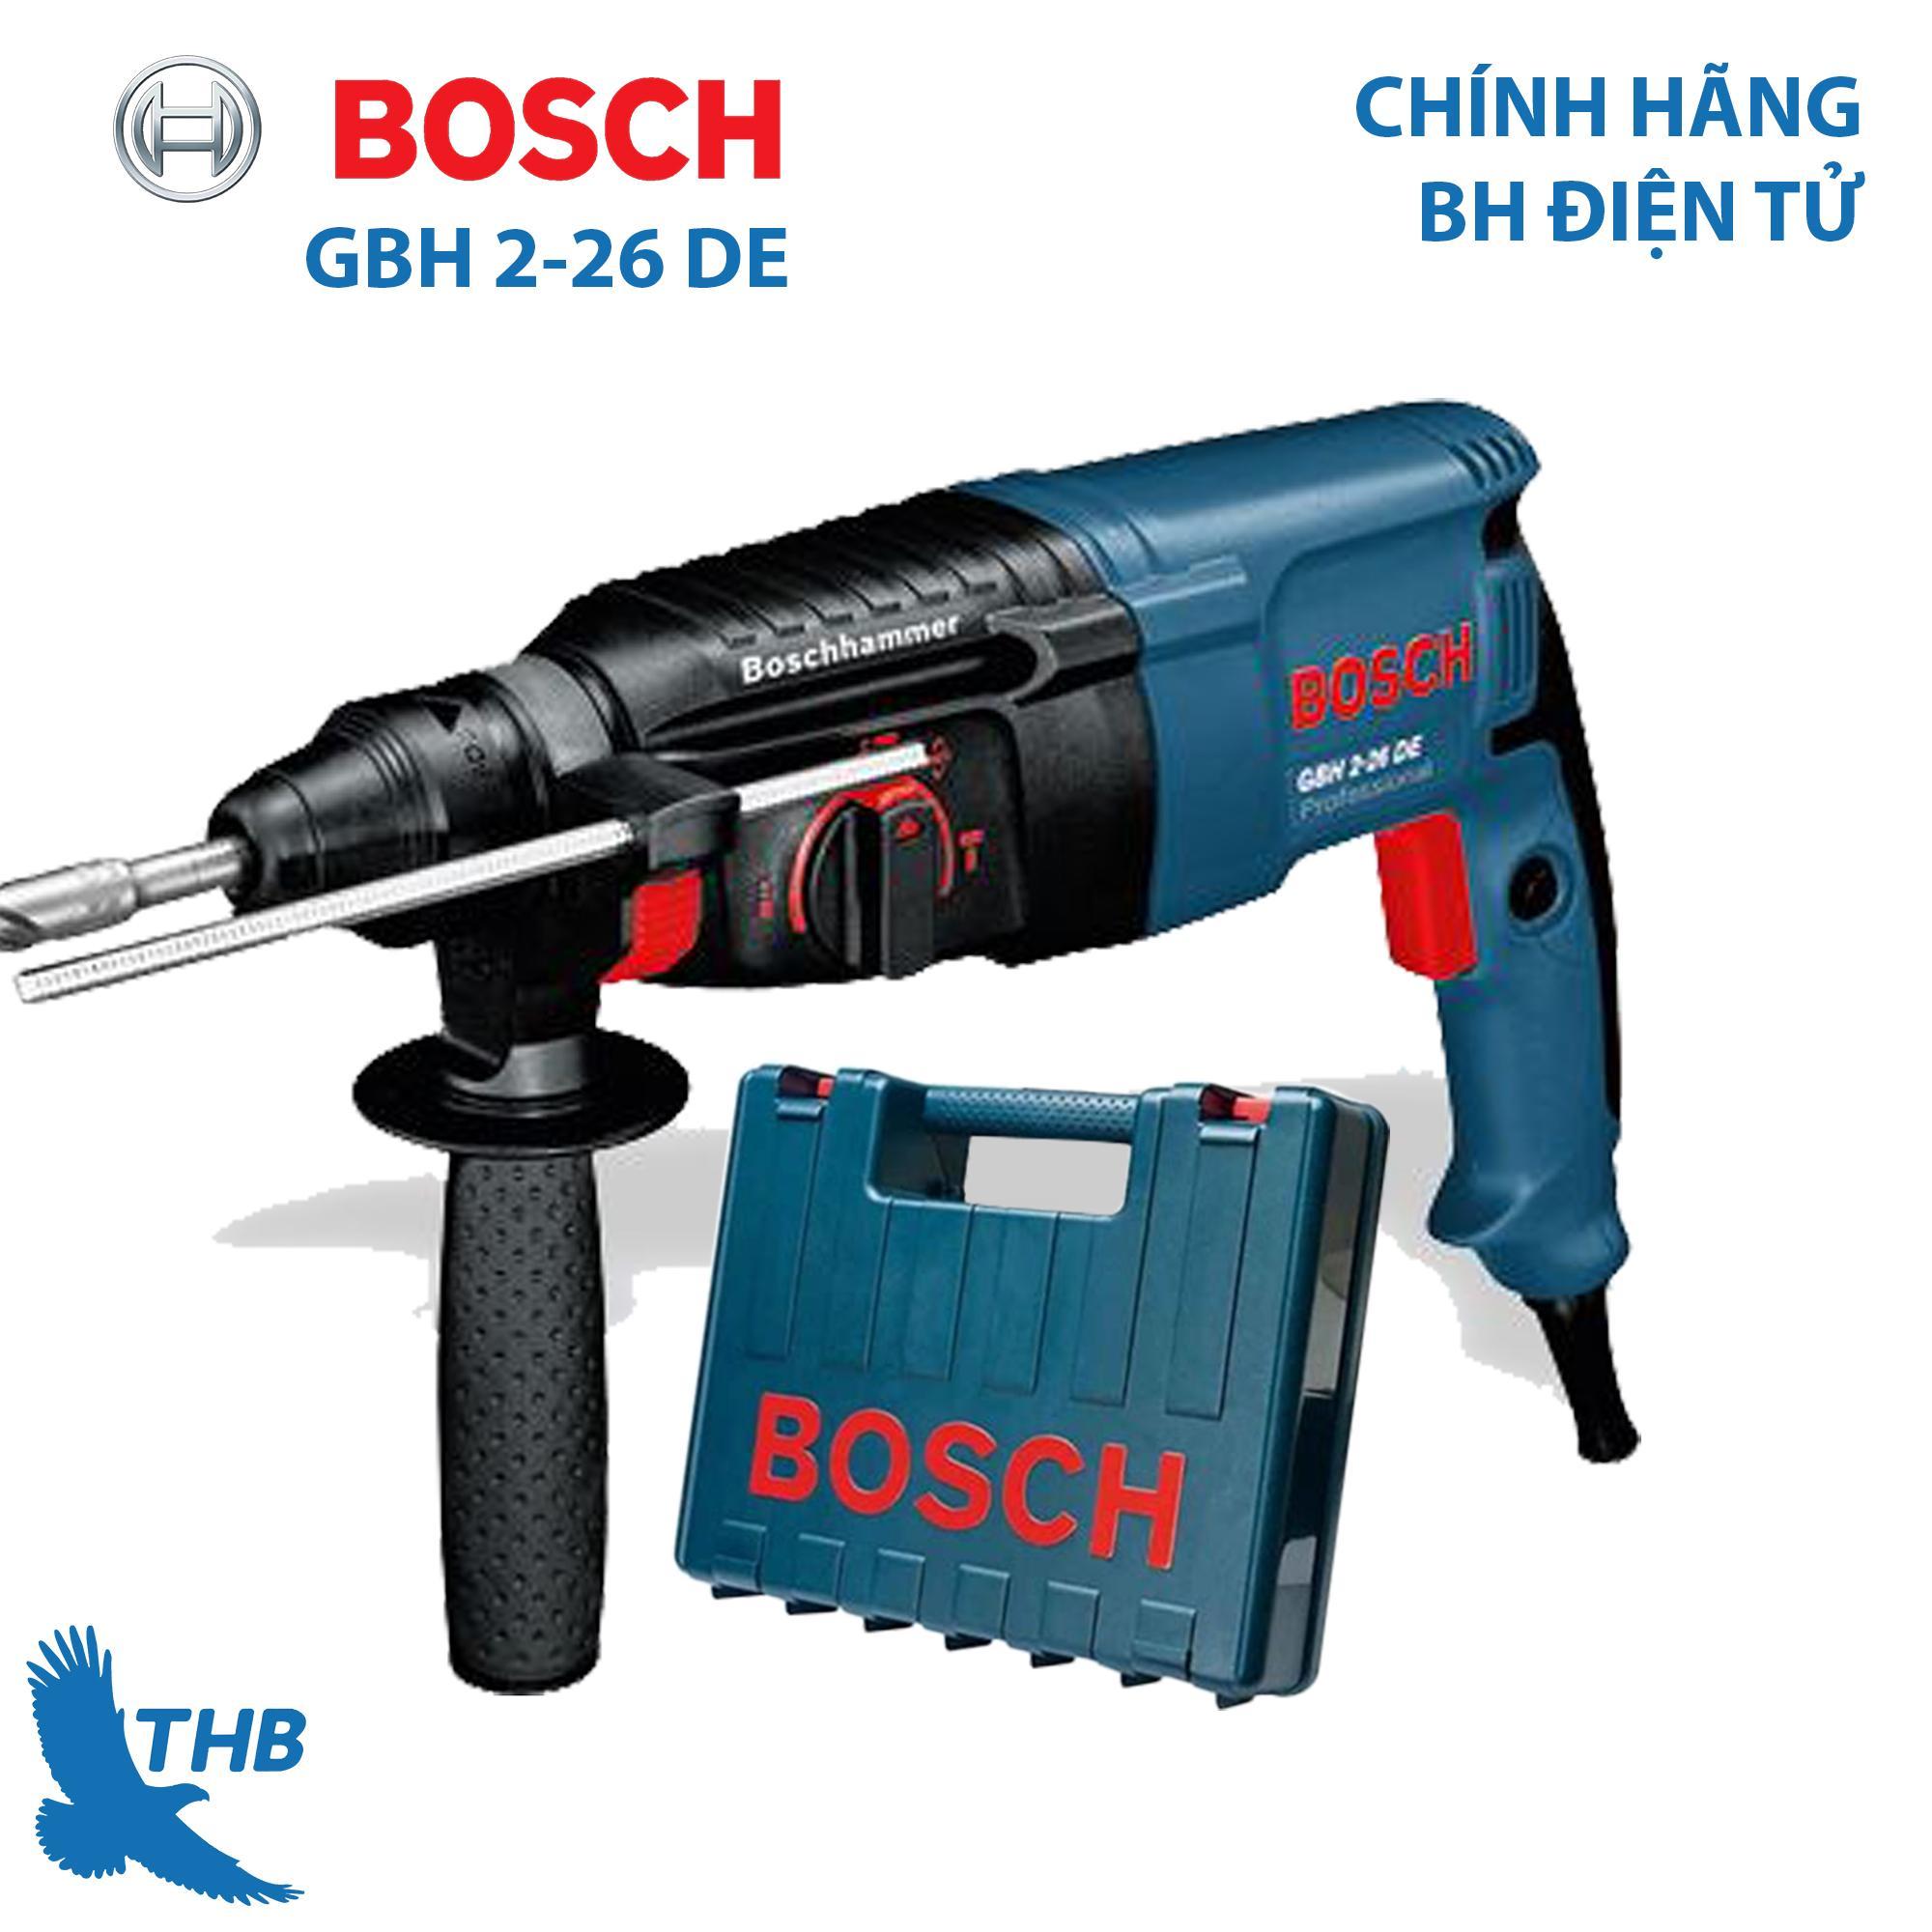 Máy khoan búa Máy khoan bê tông Bosch GBH 2-26 DE công suất 800W mũi khoan bê tông max 26mm Bảo hành 12 tháng